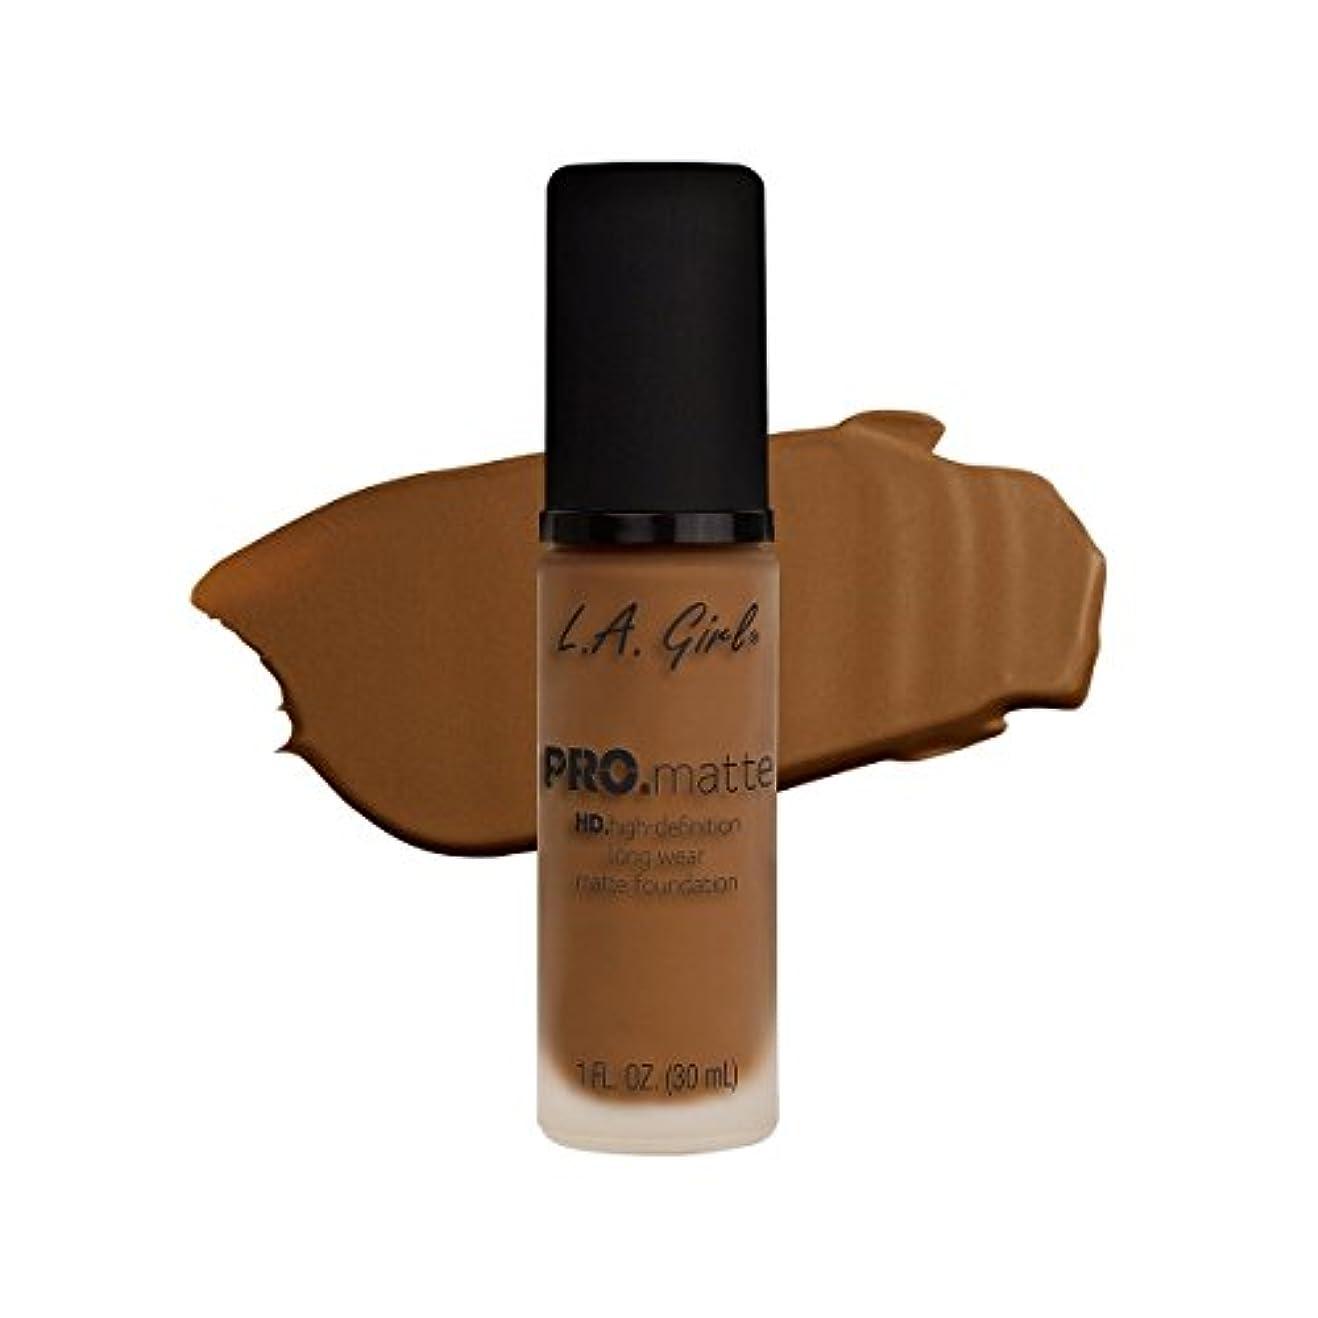 爬虫類サイドボード翻訳する(6 Pack) L.A. GIRL Pro Matte Foundation - Nutmeg (並行輸入品)